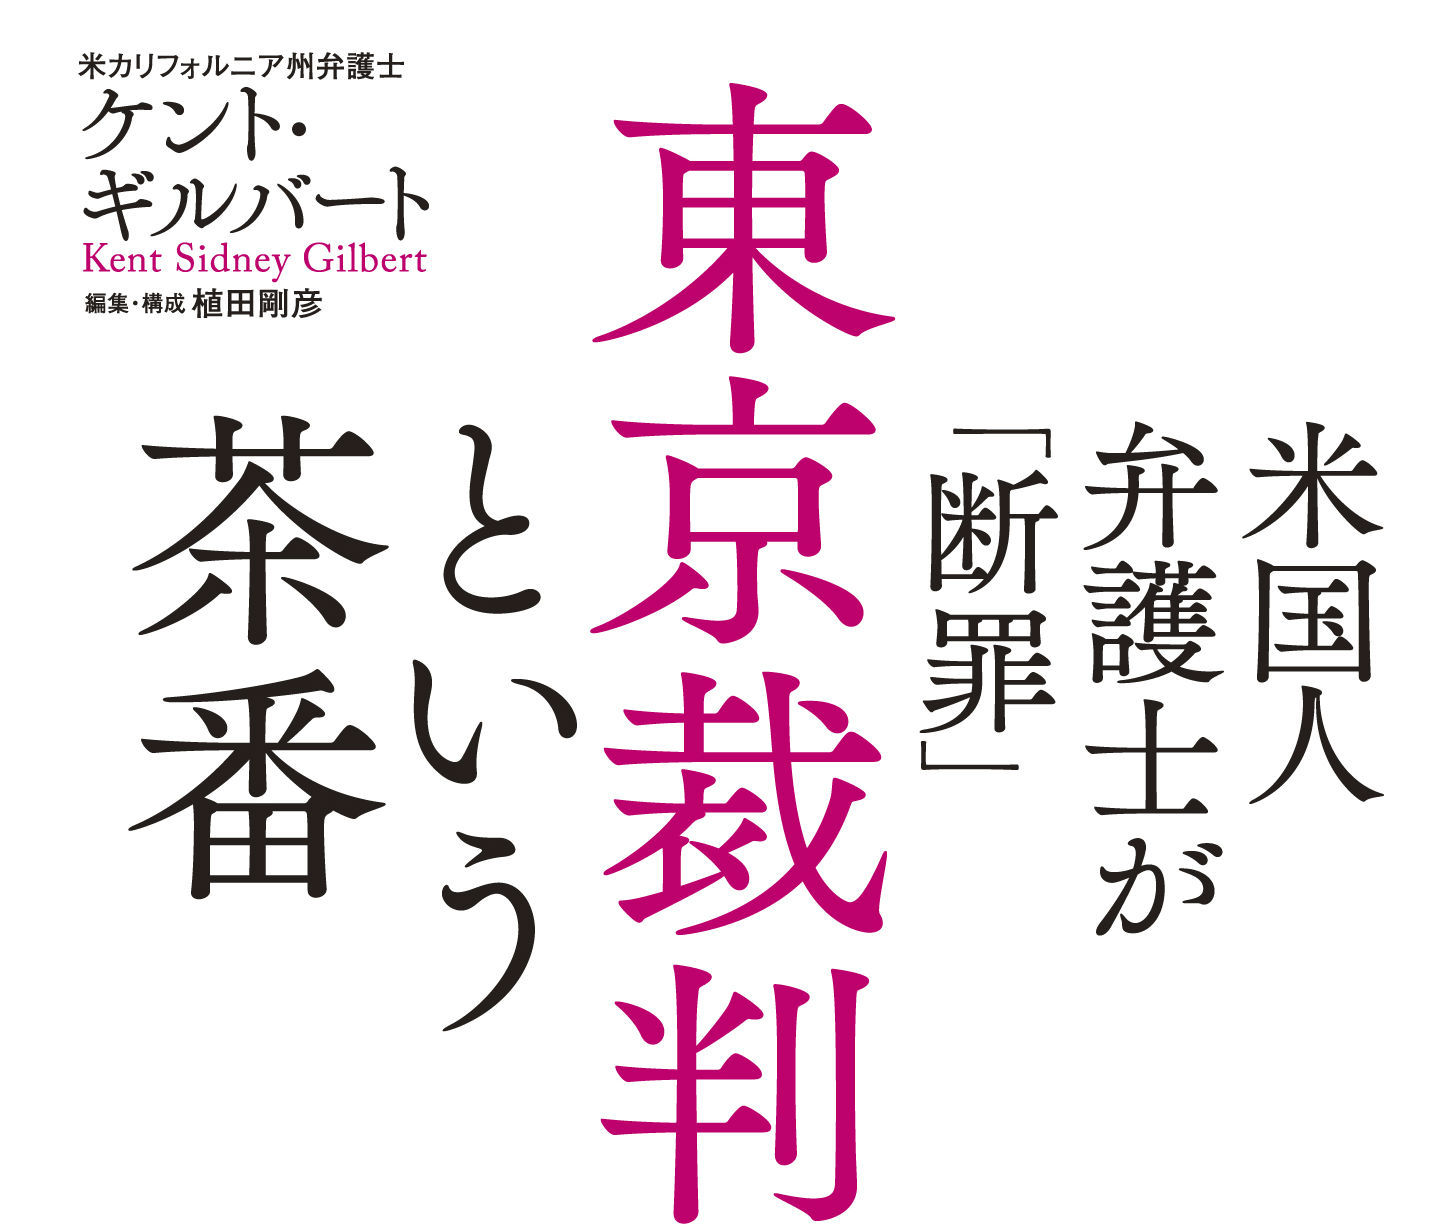 先の戦争を日本人自らが「侵略戦争」だというのは無実の罪の告白に等しい<br />